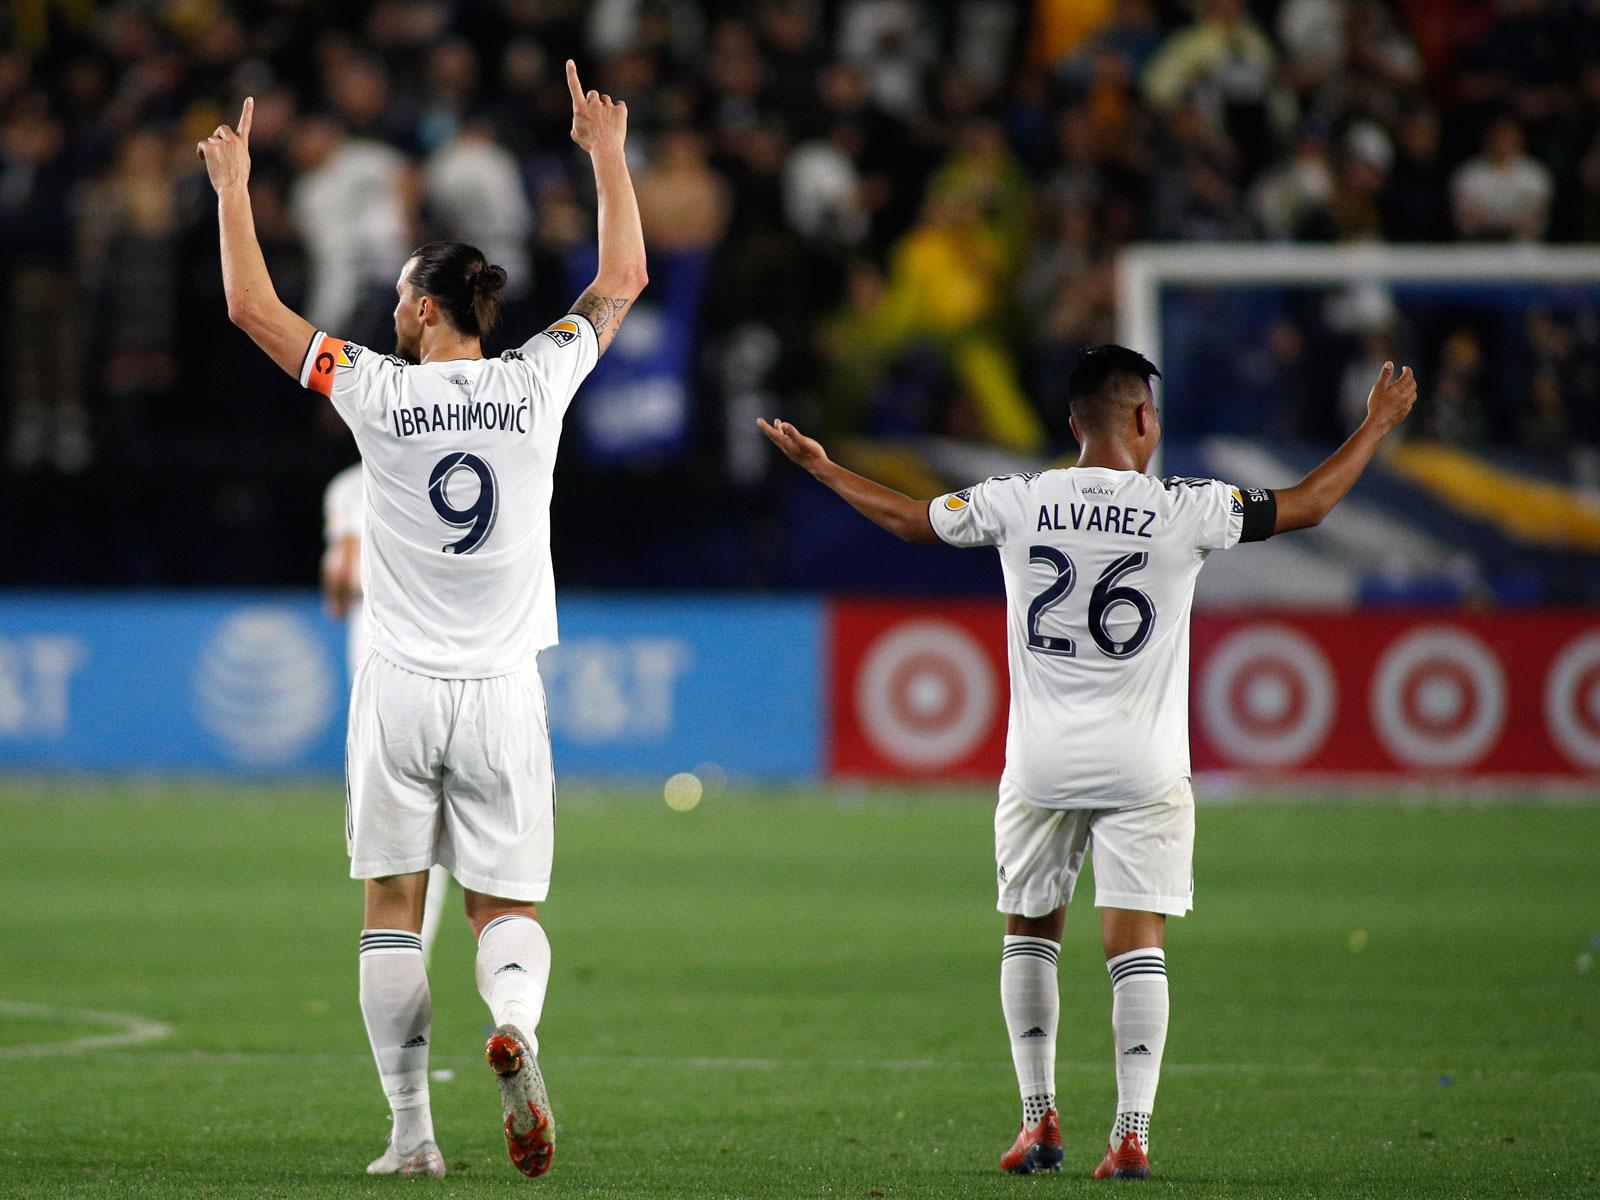 Zlatan Ibrahimovic and Efrain Alvarez celebrate the LA Galaxy's win over the Chicago Fire